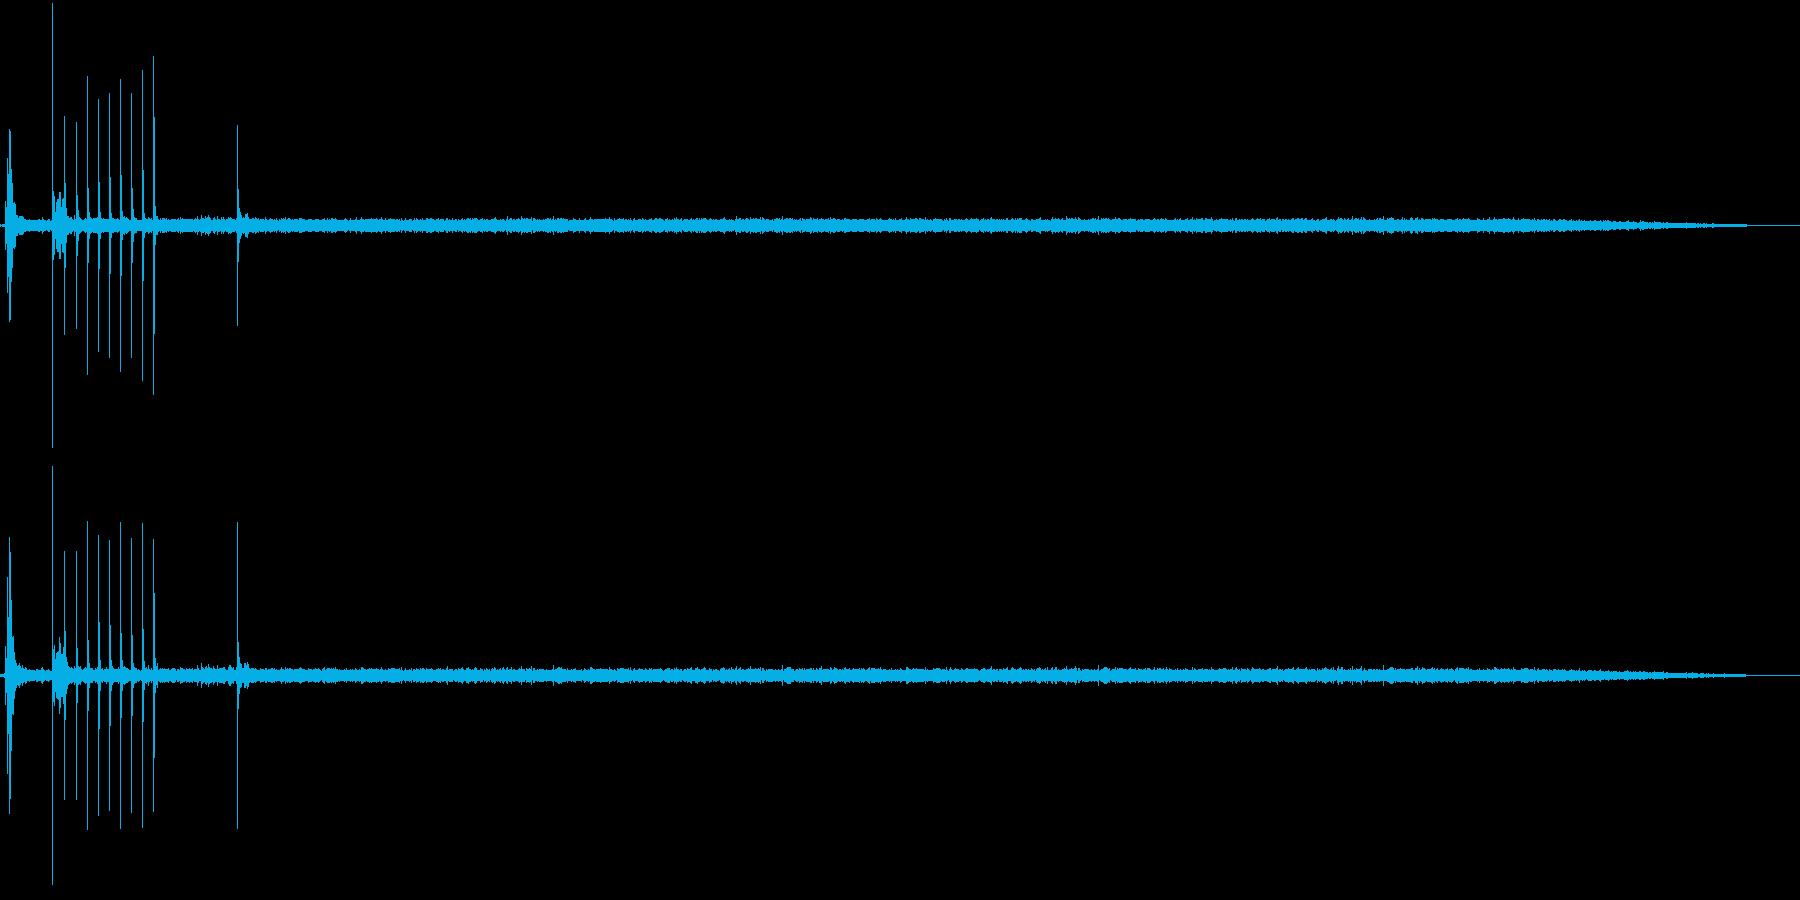 ガチャ!シュー☆ガスコンロの音 ロング1の再生済みの波形